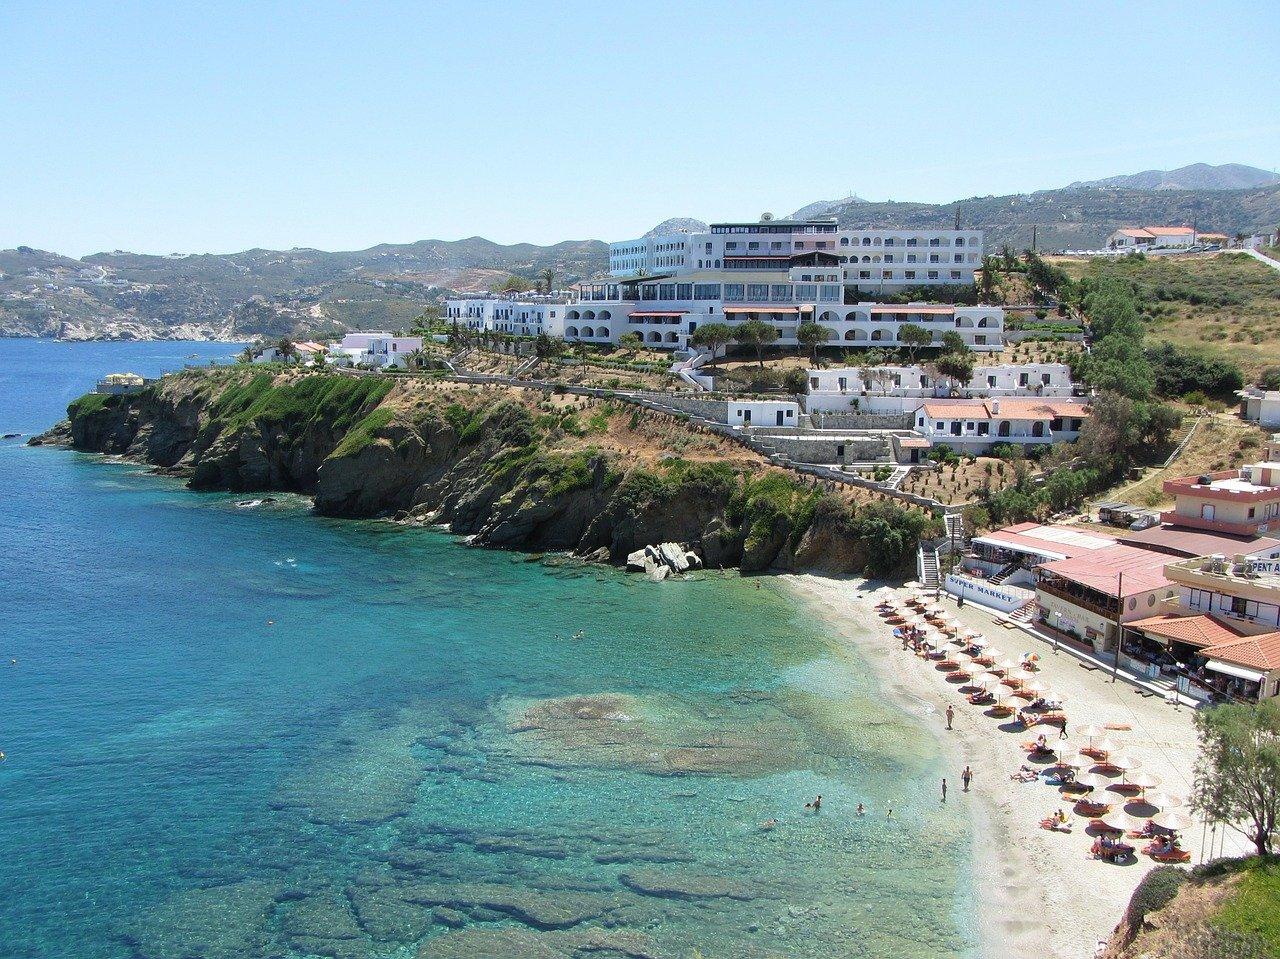 griekenland kreta featured pixabay - Strandliefhebbers opgelet: dit zijn de 12 mooiste stranden op Kreta